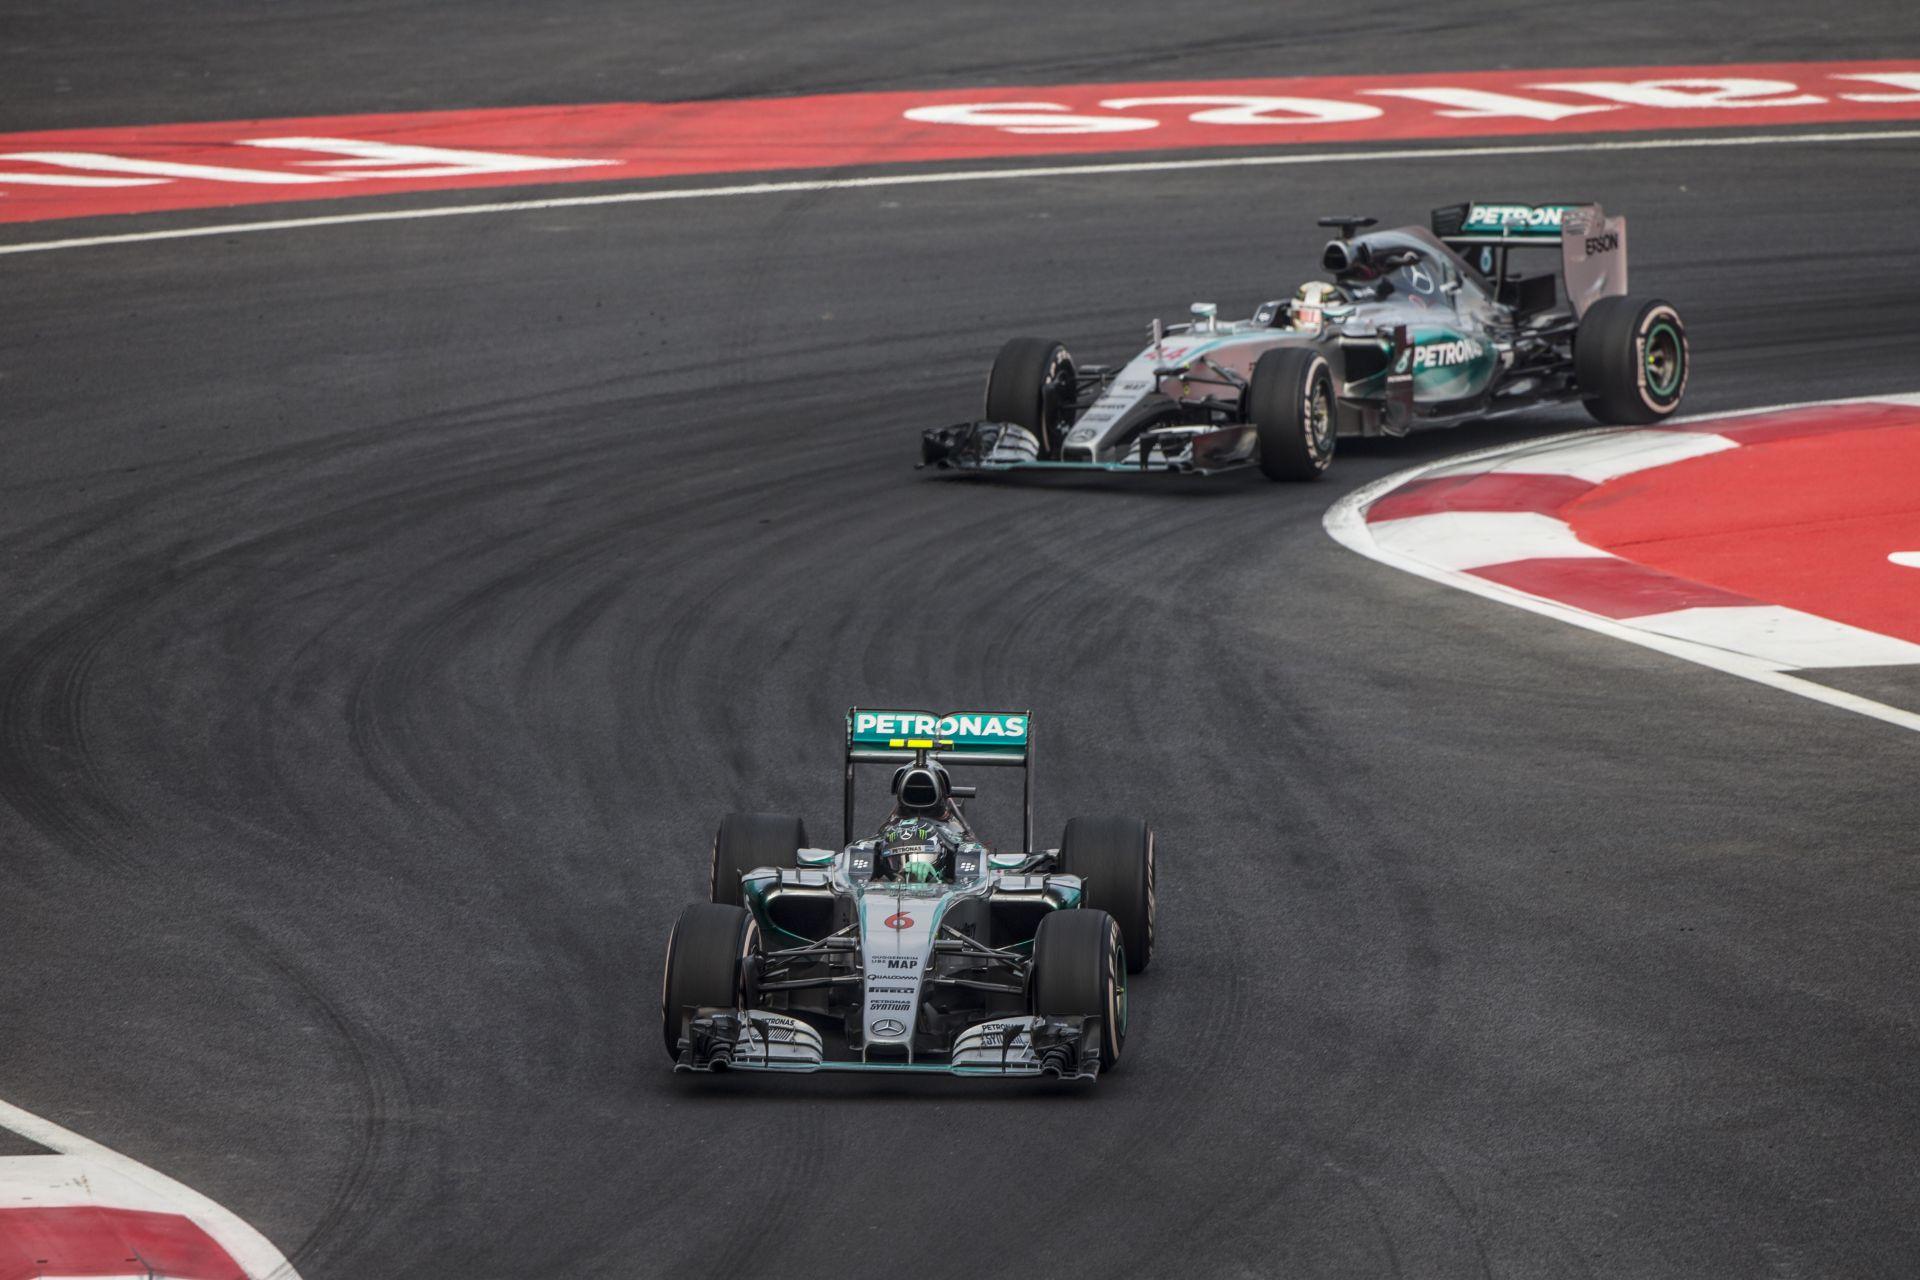 Hamilton kicsit odaszúrt Rosbergnek, aki remekül vezetett, széllökés sem volt